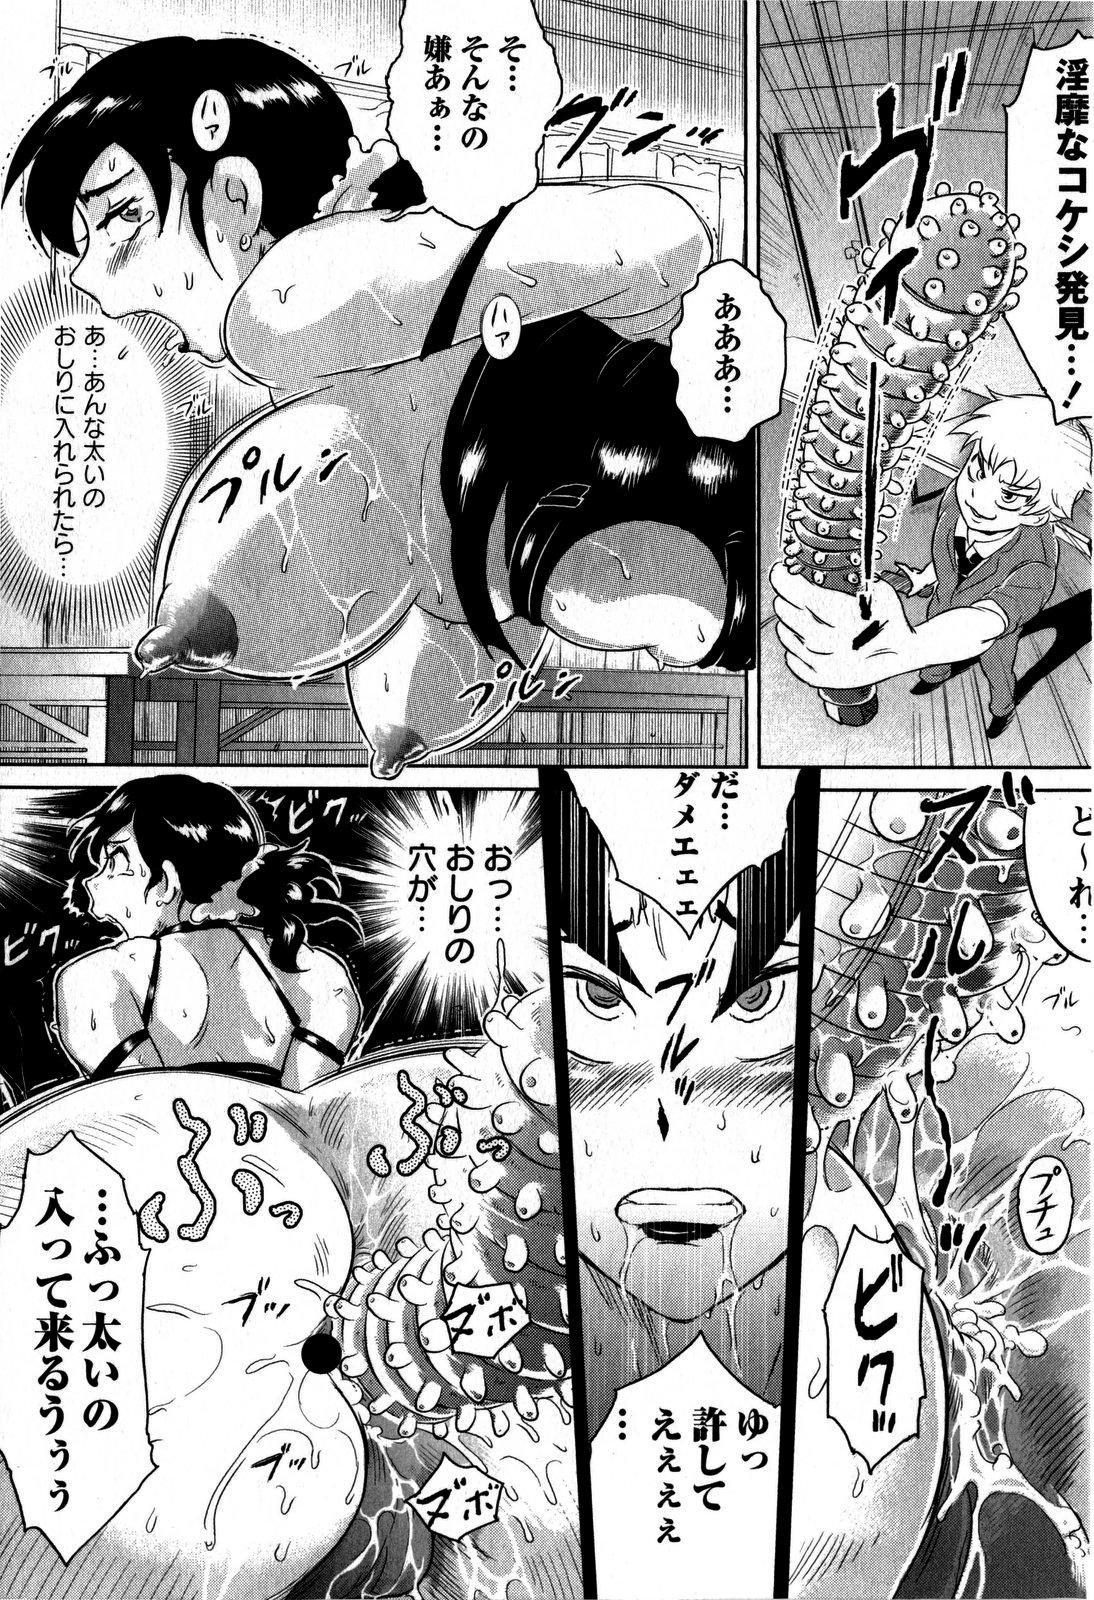 Comic Masyo 2009-06 220